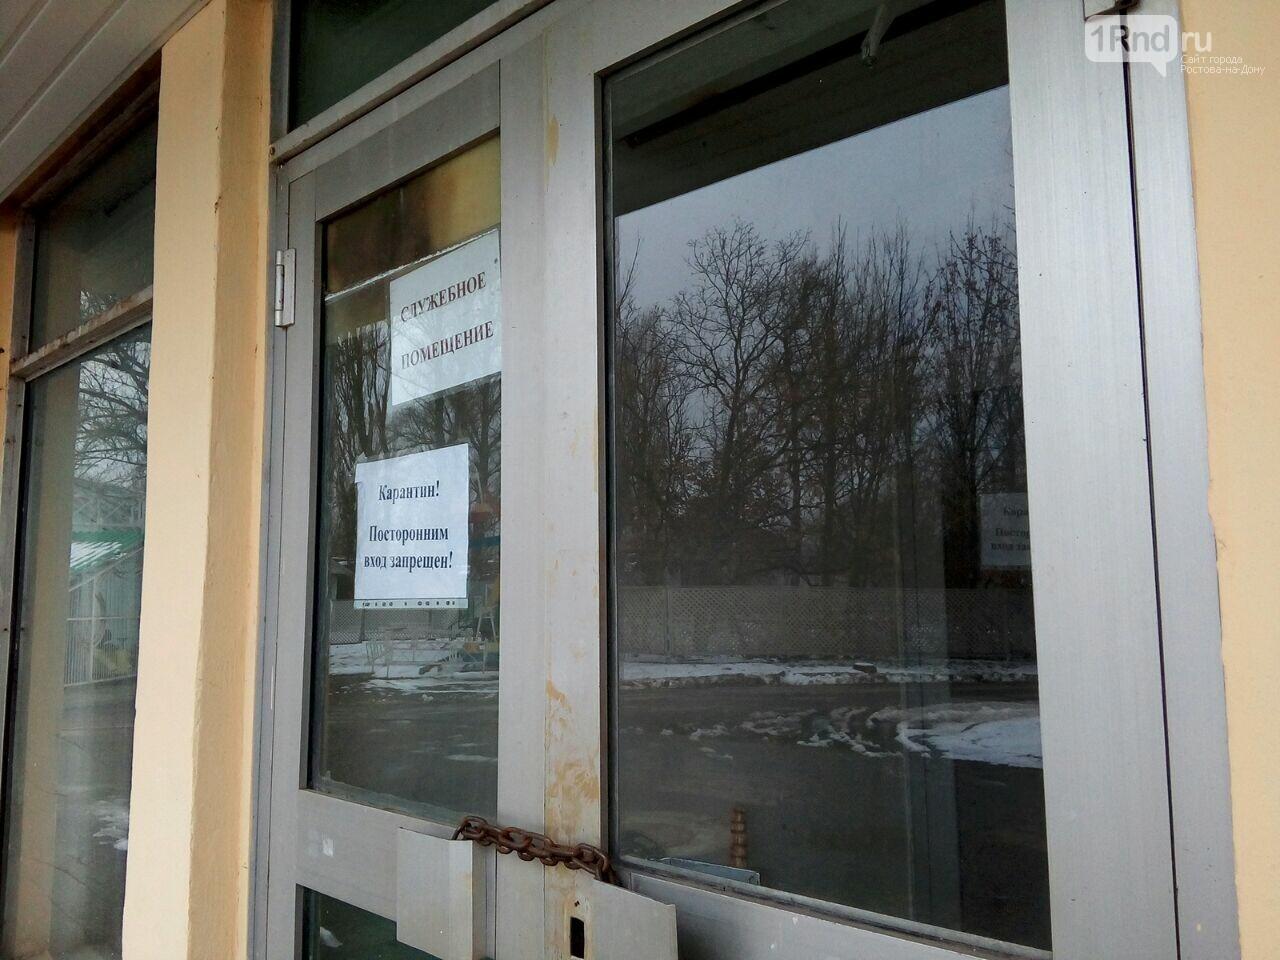 Изъятым под Ростовом контрабандным обезьянам грозит смерть, фото-7